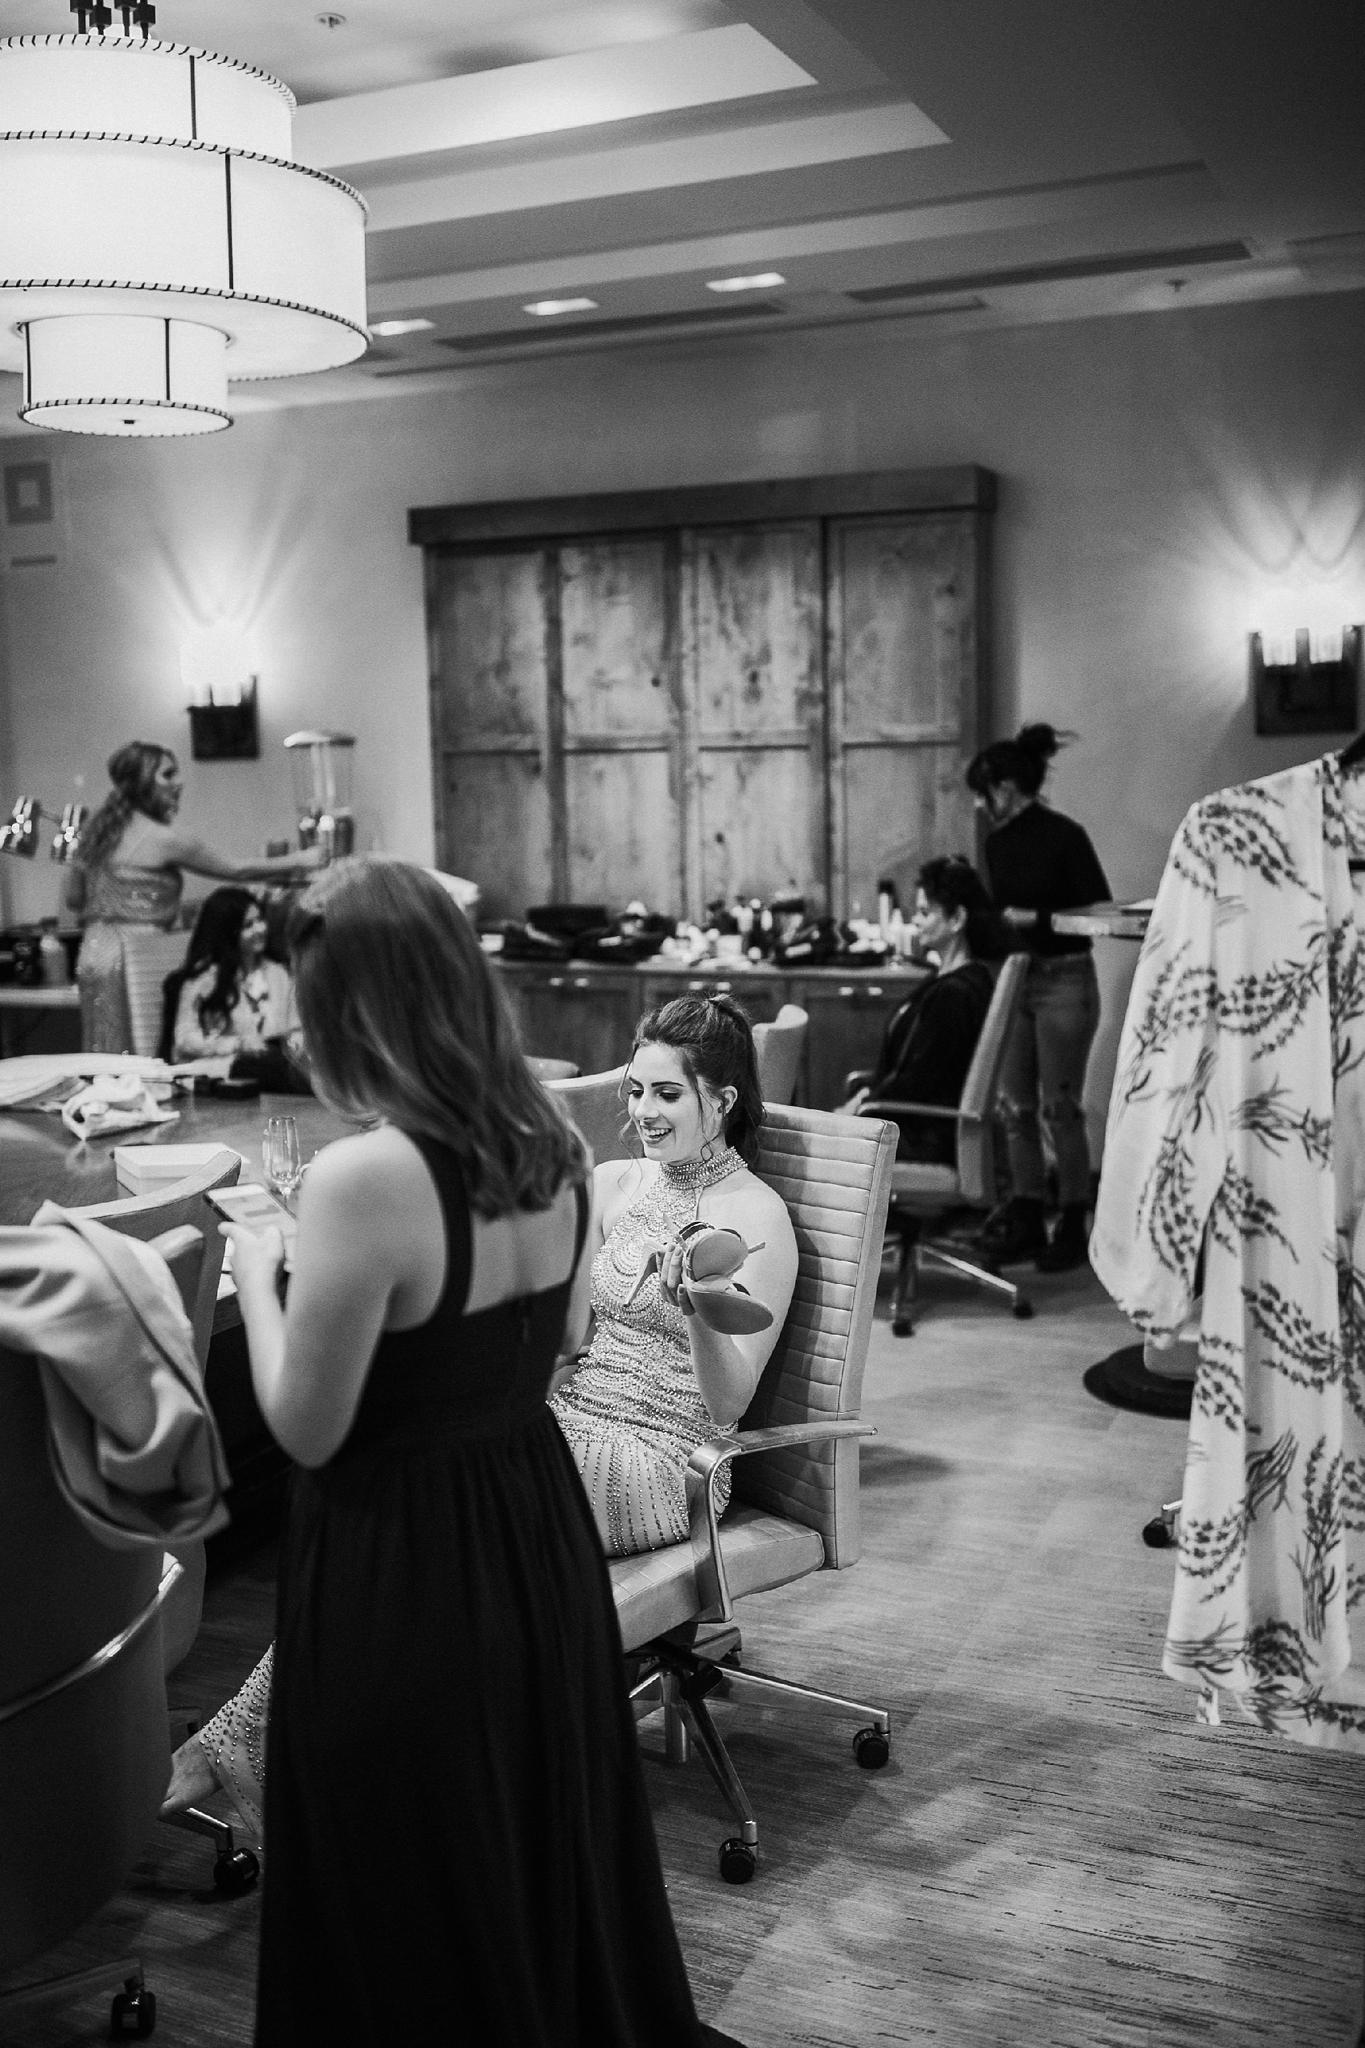 Alicia+lucia+photography+-+albuquerque+wedding+photographer+-+santa+fe+wedding+photography+-+new+mexico+wedding+photographer+-+new+mexico+wedding+-+santa+fe+wedding+-+four+seasons+wedding+-+winter+wedding_0014.jpg